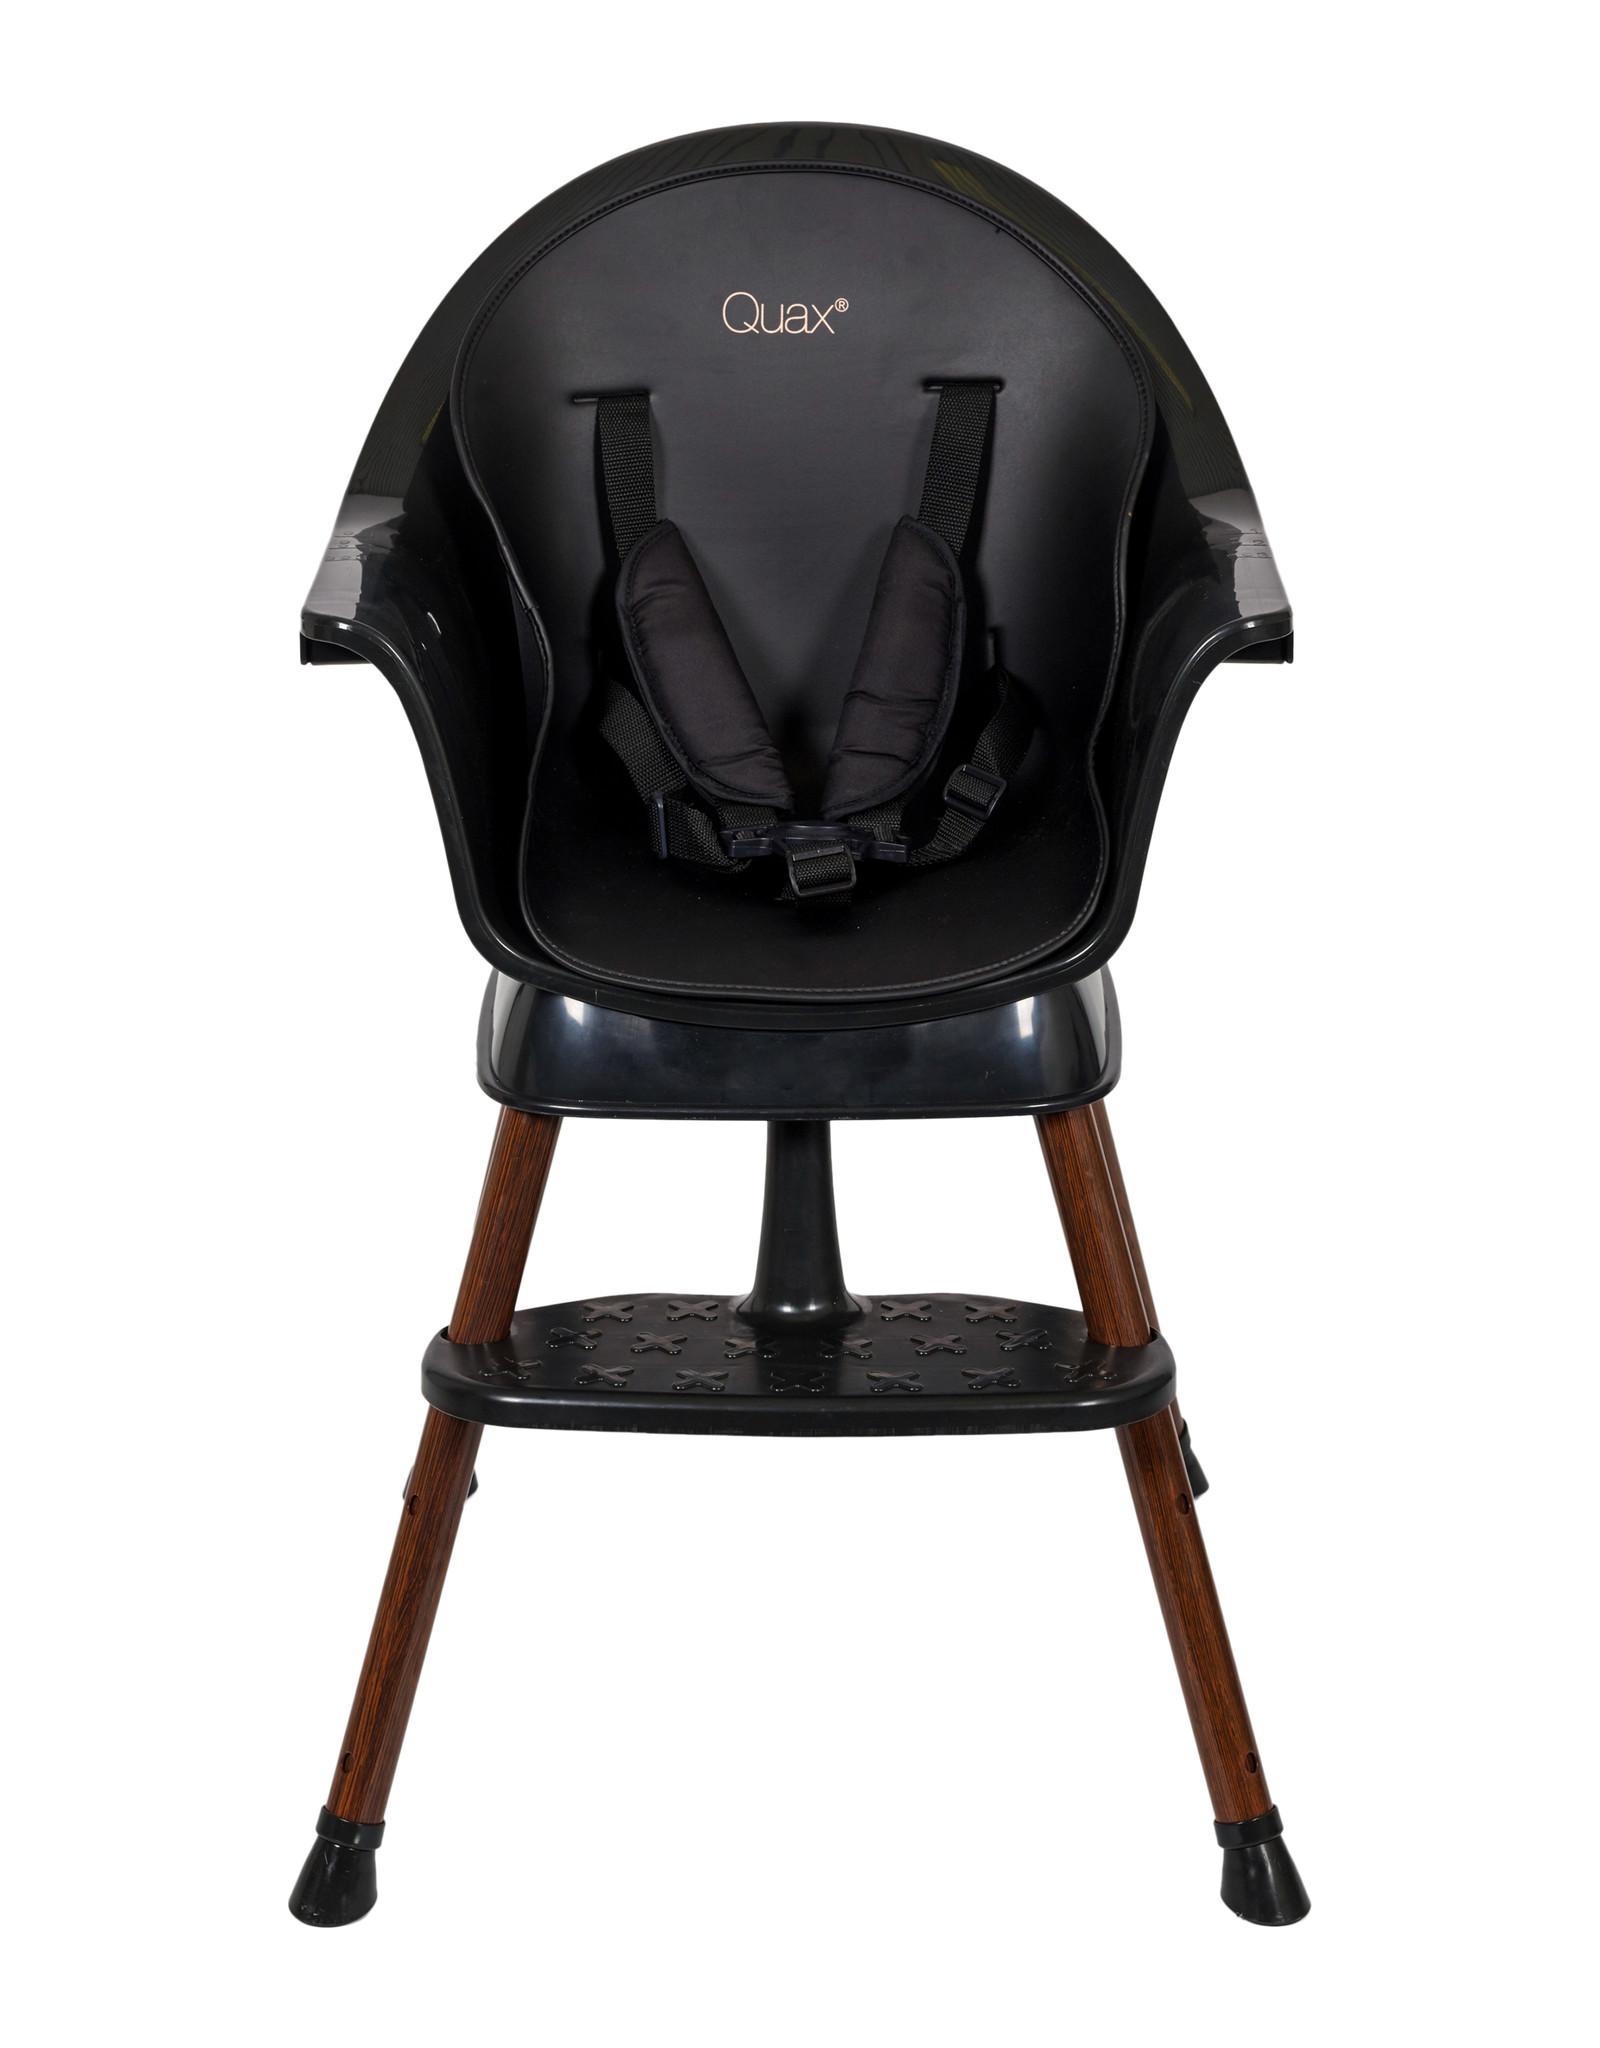 Quax Meegroeistoel - Ultimo 3 Luxe - zwart/walnoot